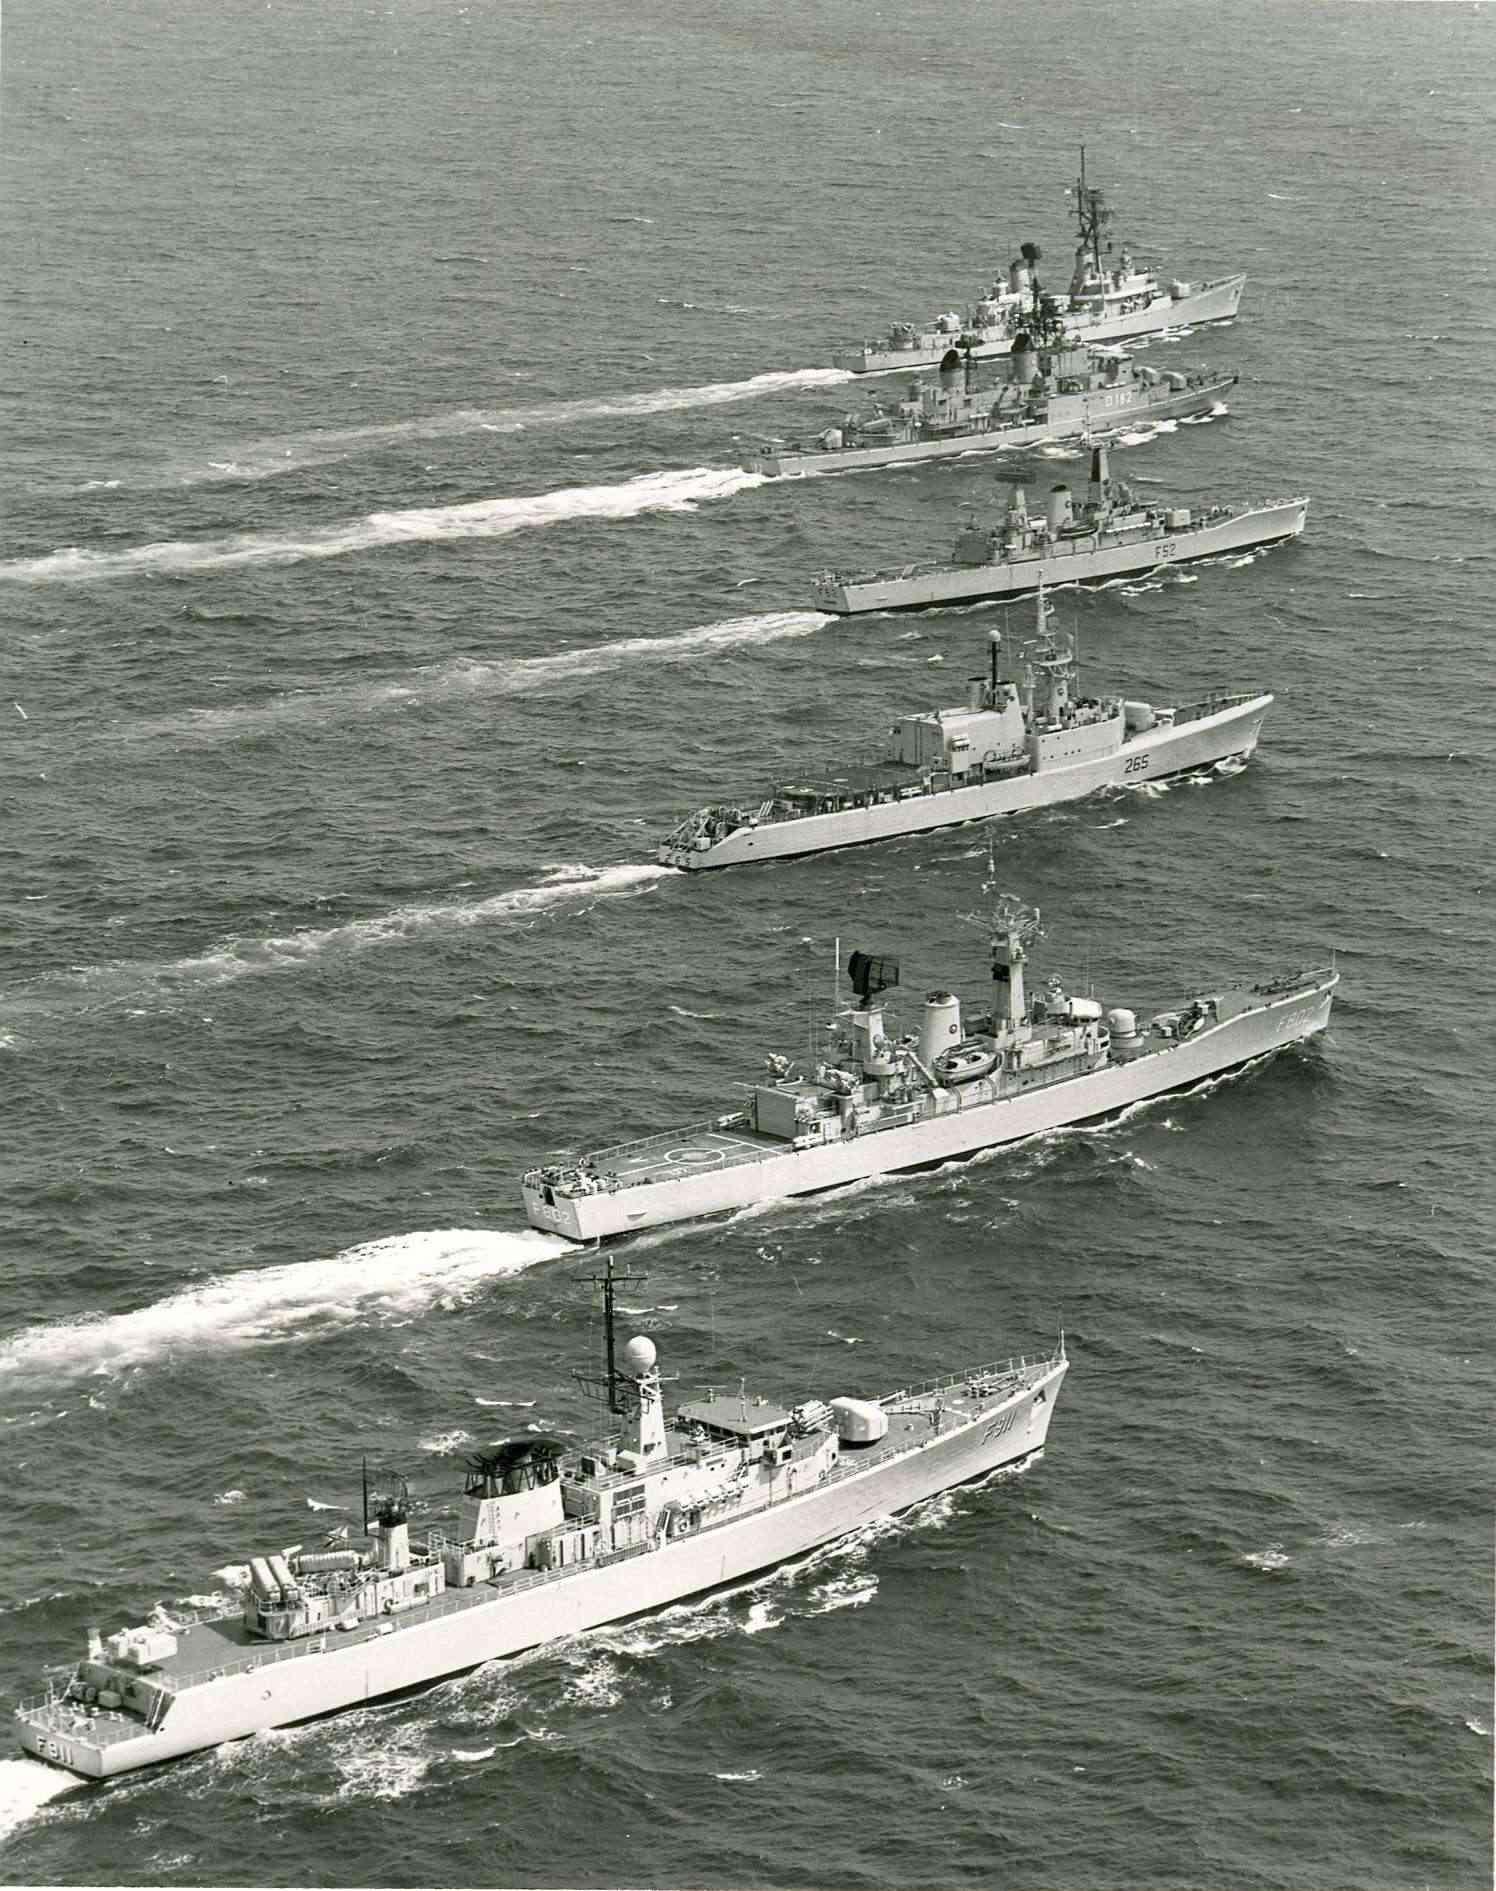 IN MEMORIUM LUC CARRE (loopbaan zeemacht) Luk00018